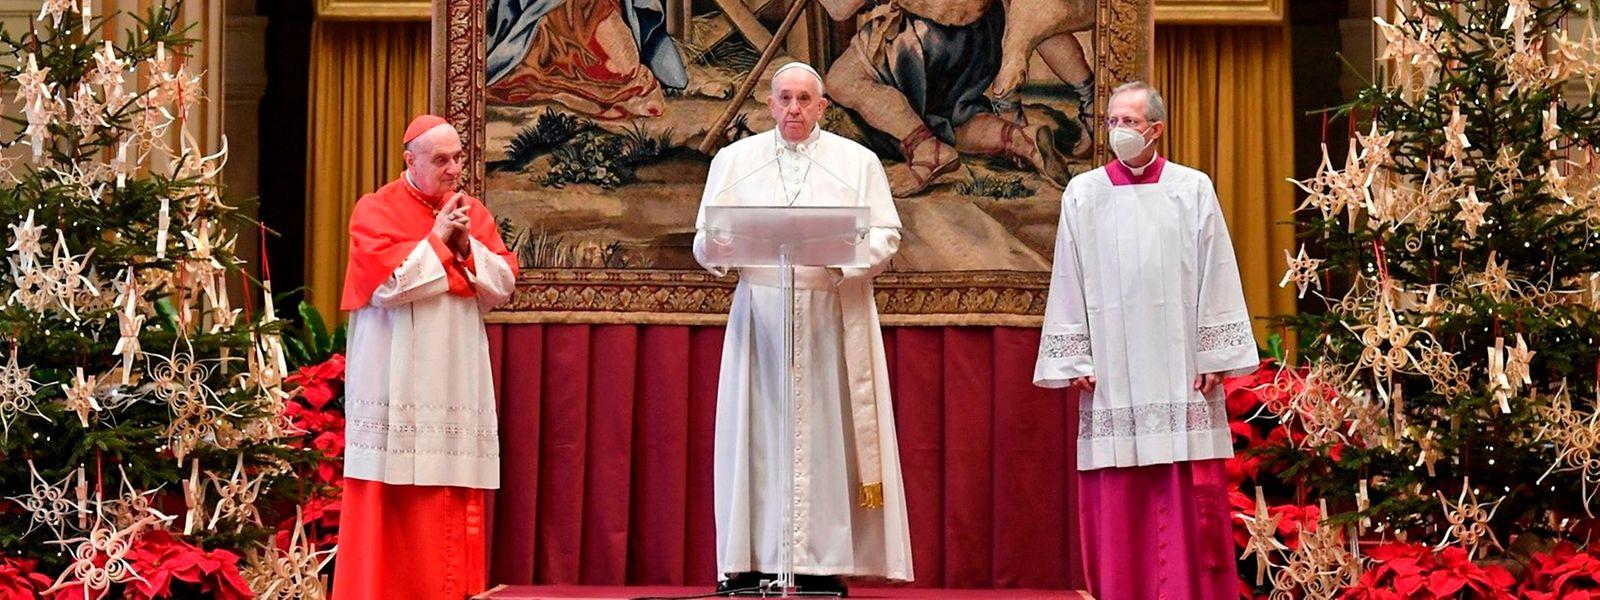 Papst Franziskus während seiner Weihnachtsansprache am Freitag.